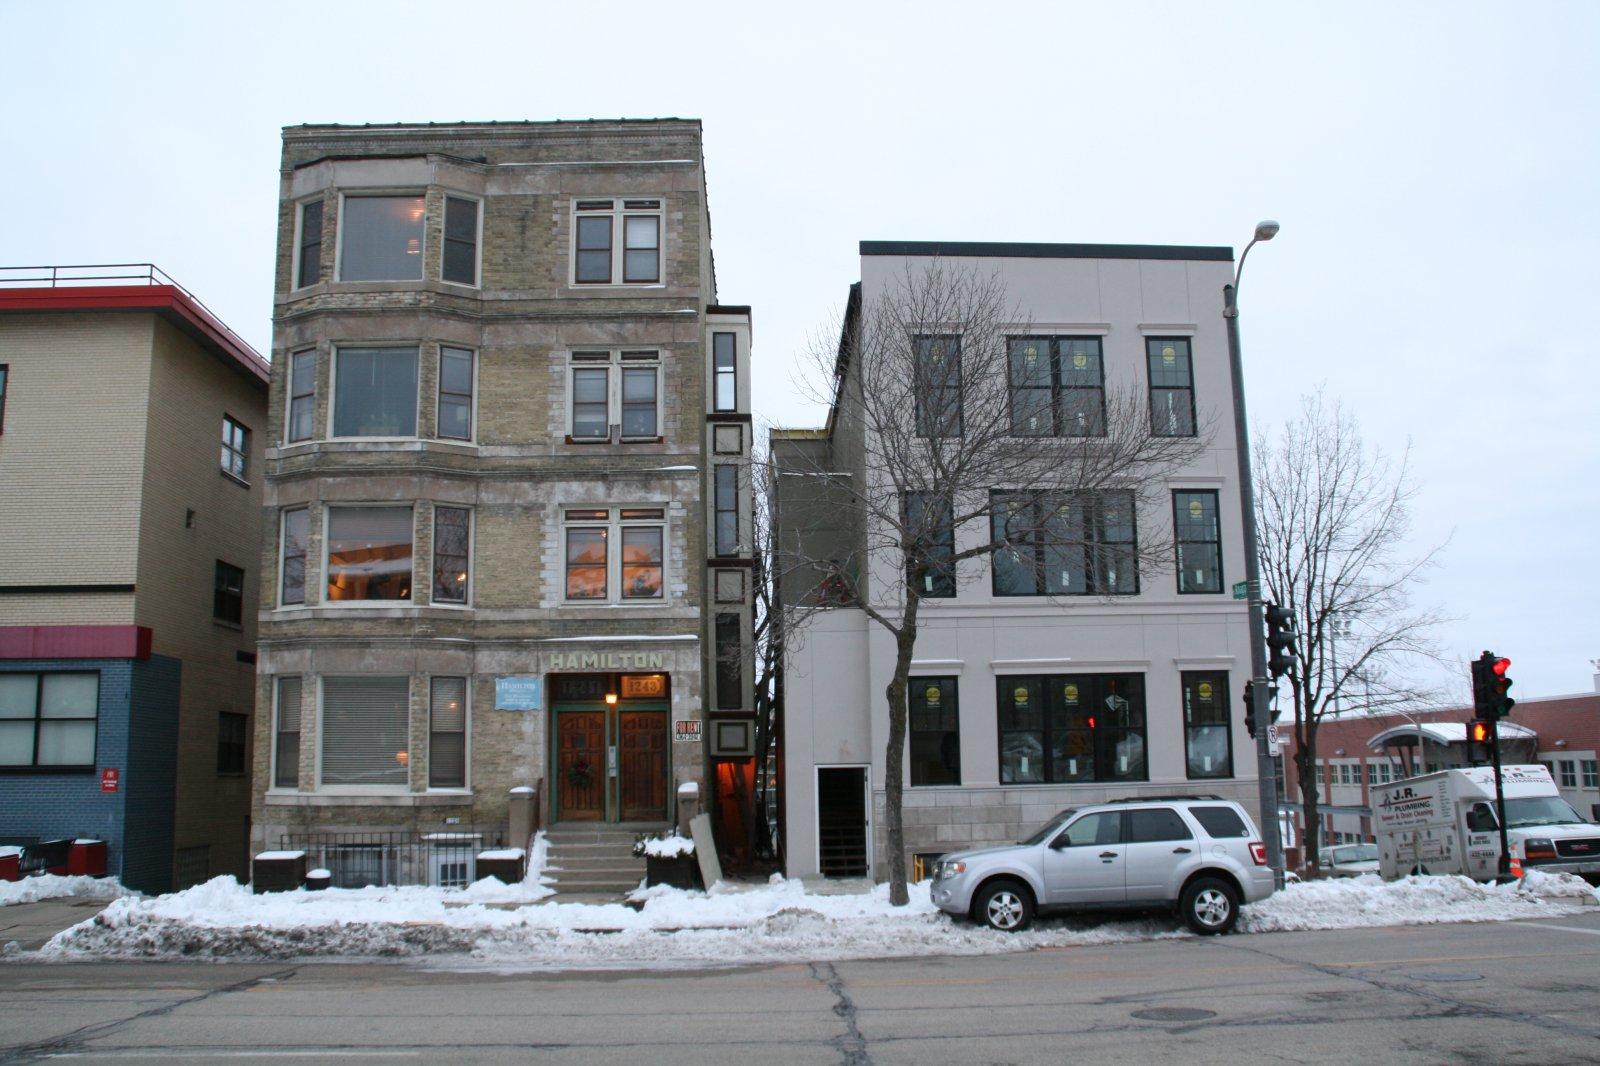 1245 N. Milwaukee St.